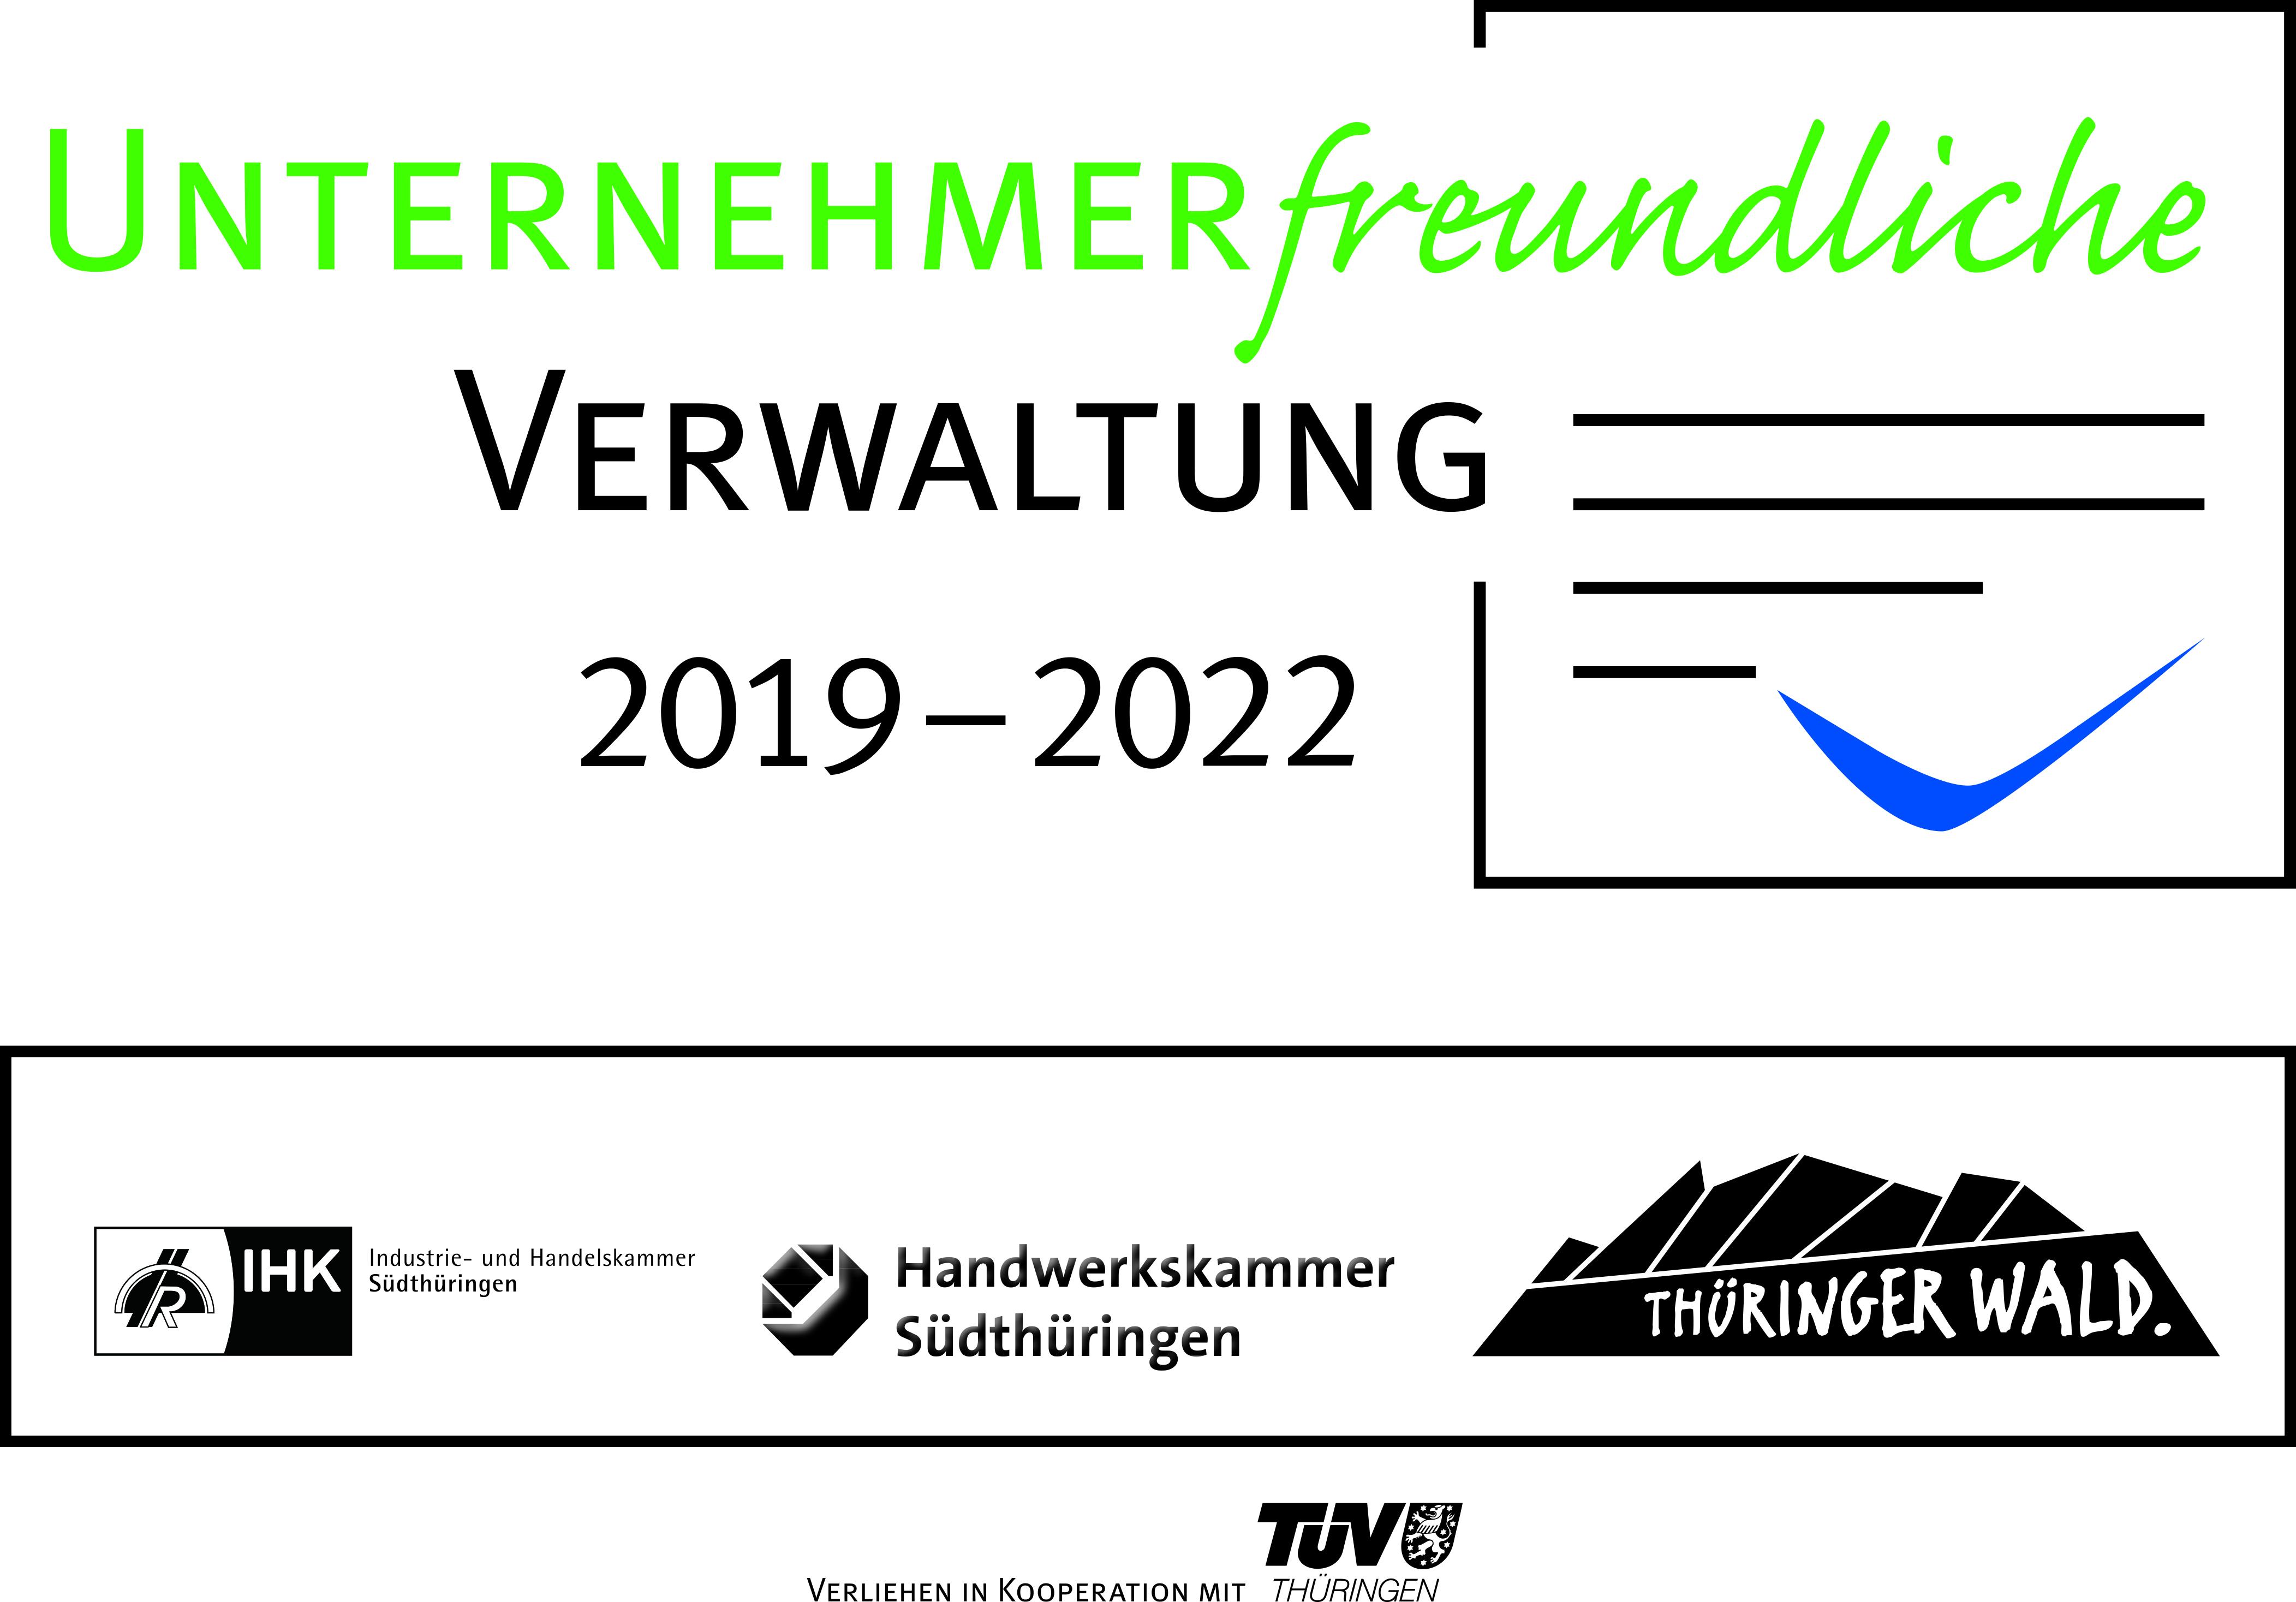 Siegel Unternehmerfreundliche Verwaltung im Thüringer Wald verliehen in Kooperation mit dem TÜV Thüringen